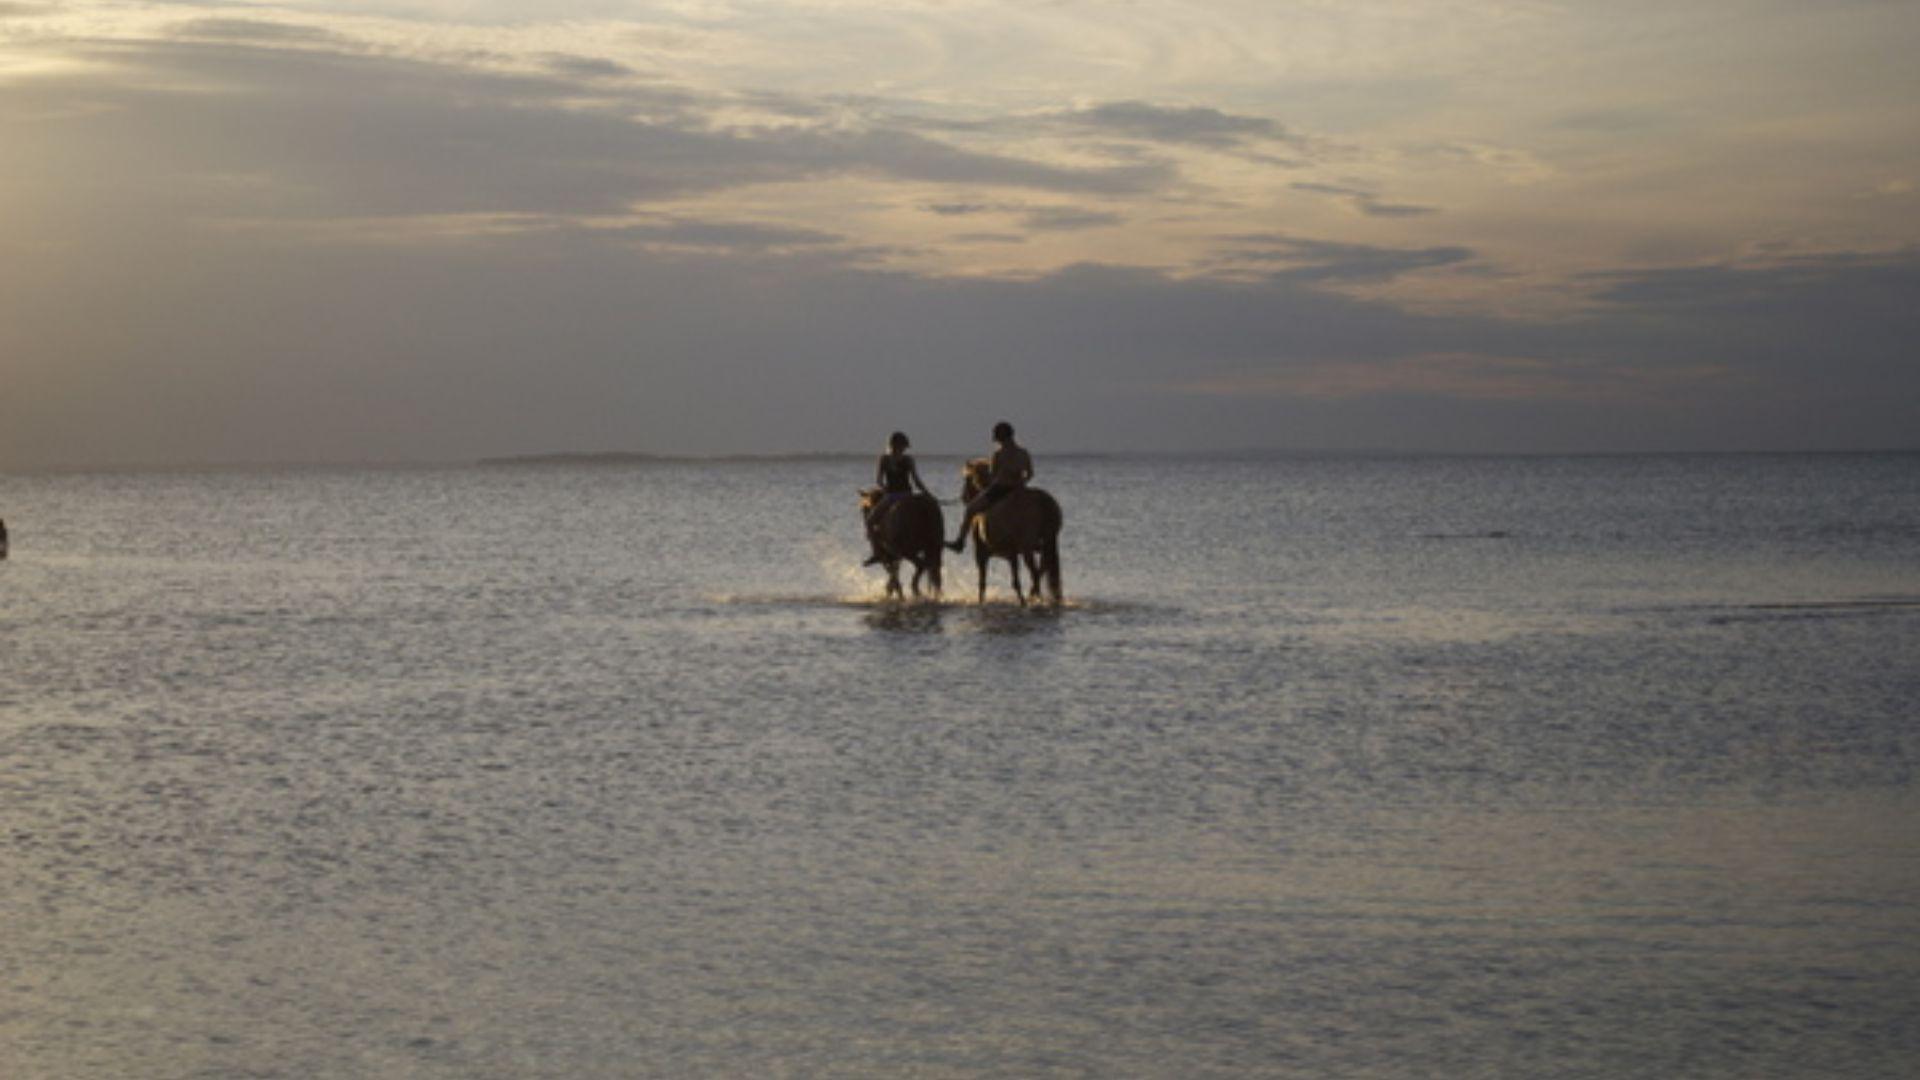 VisitSamsø